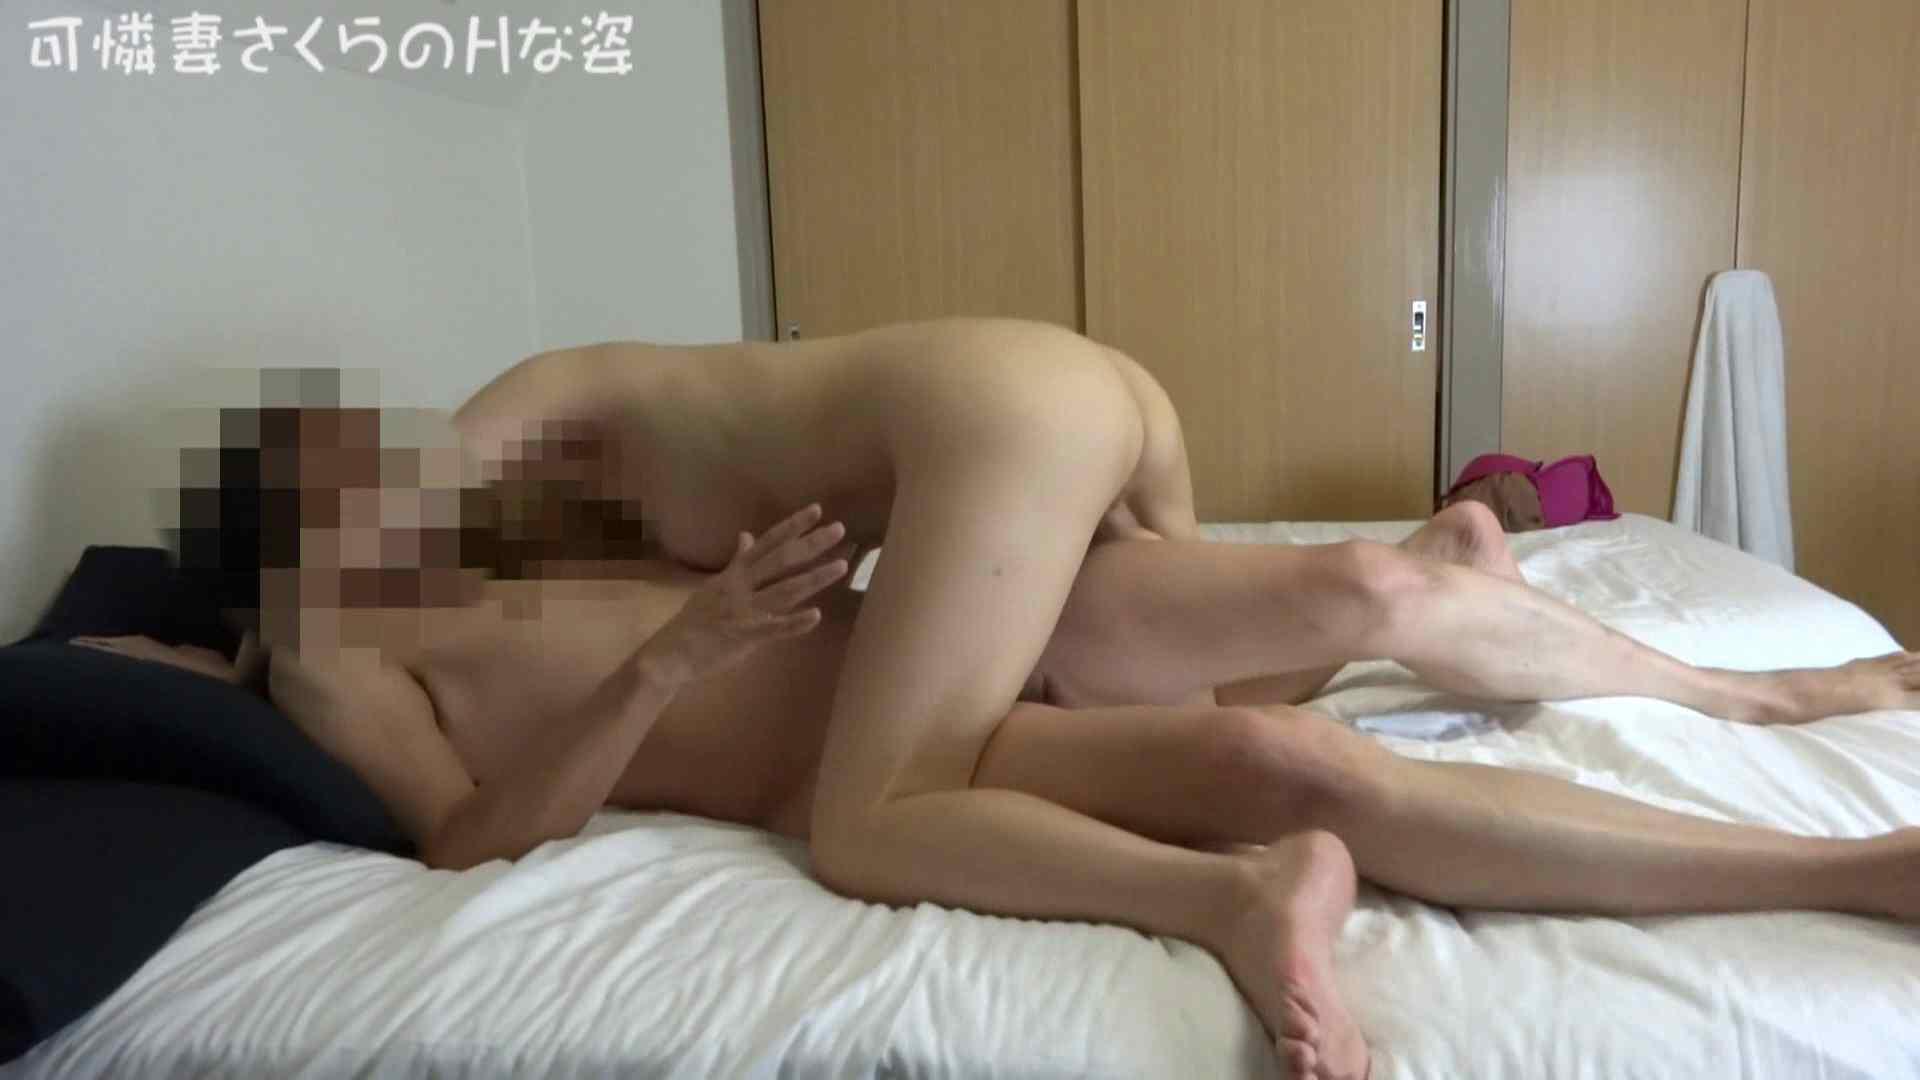 可憐妻さくらのHな姿vol.17 熟女の裸体 | OL裸体  97画像 48